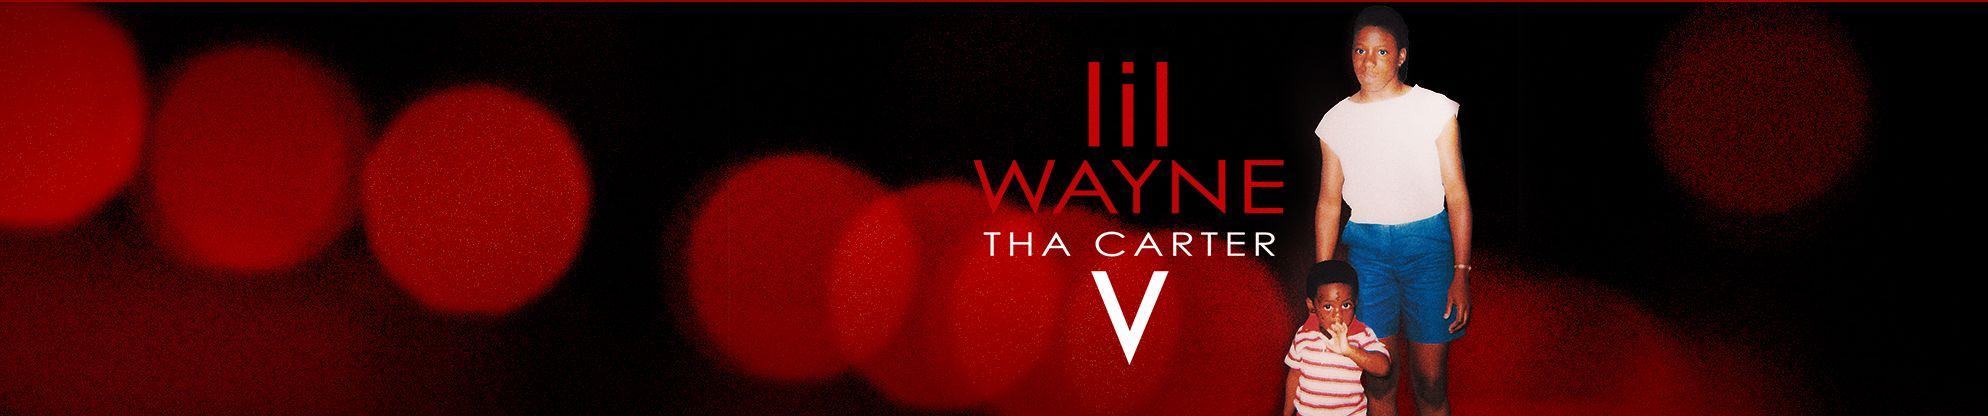 5f07d7f7042a Let It Fly (feat. Travis Scott) by Lil Wayne | Free Listening on SoundCloud